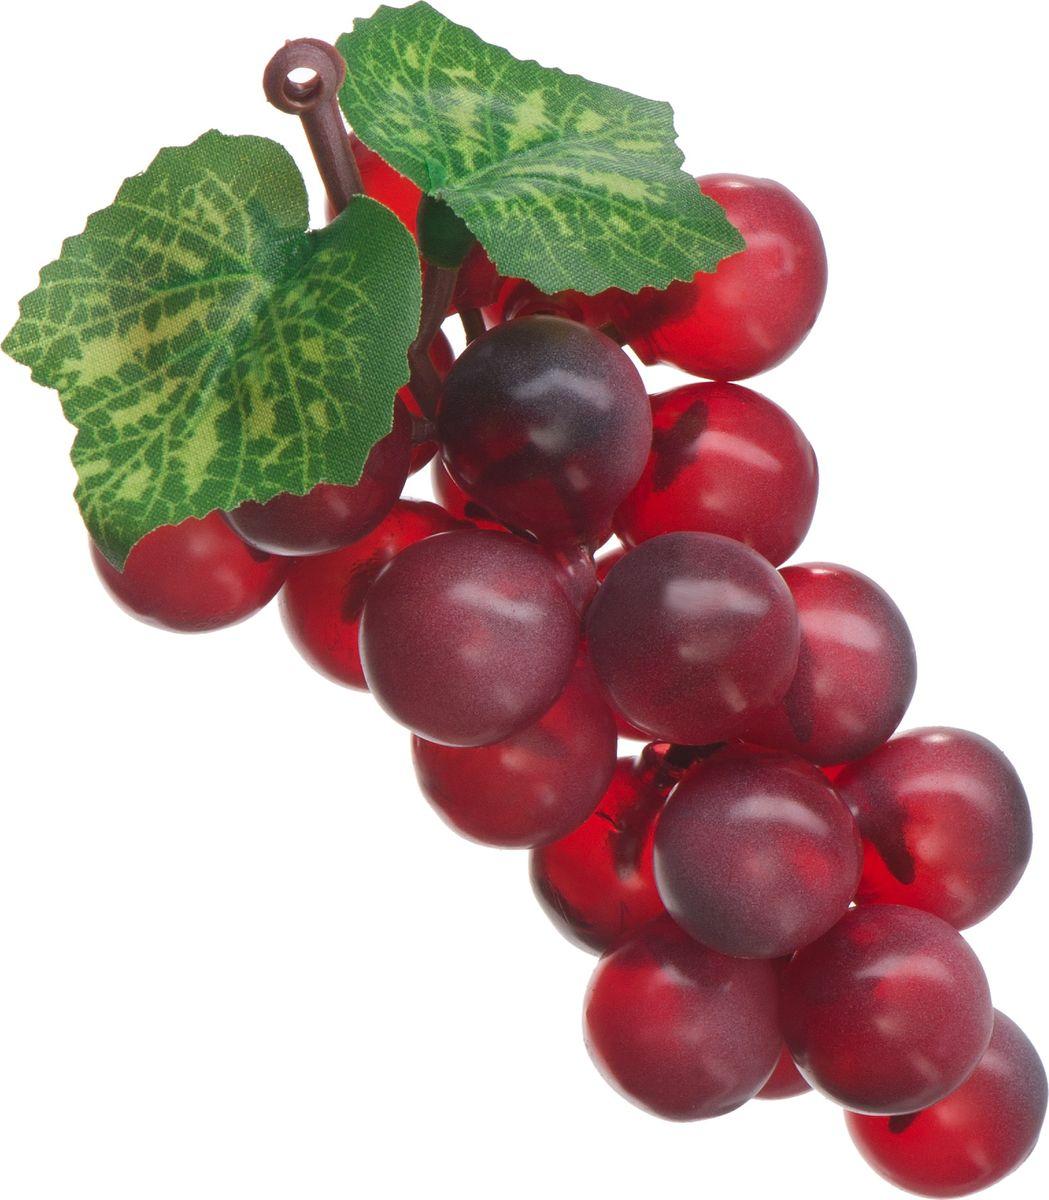 Муляж Engard Гроздь винограда, 14 см муляж engard гранат 9 см